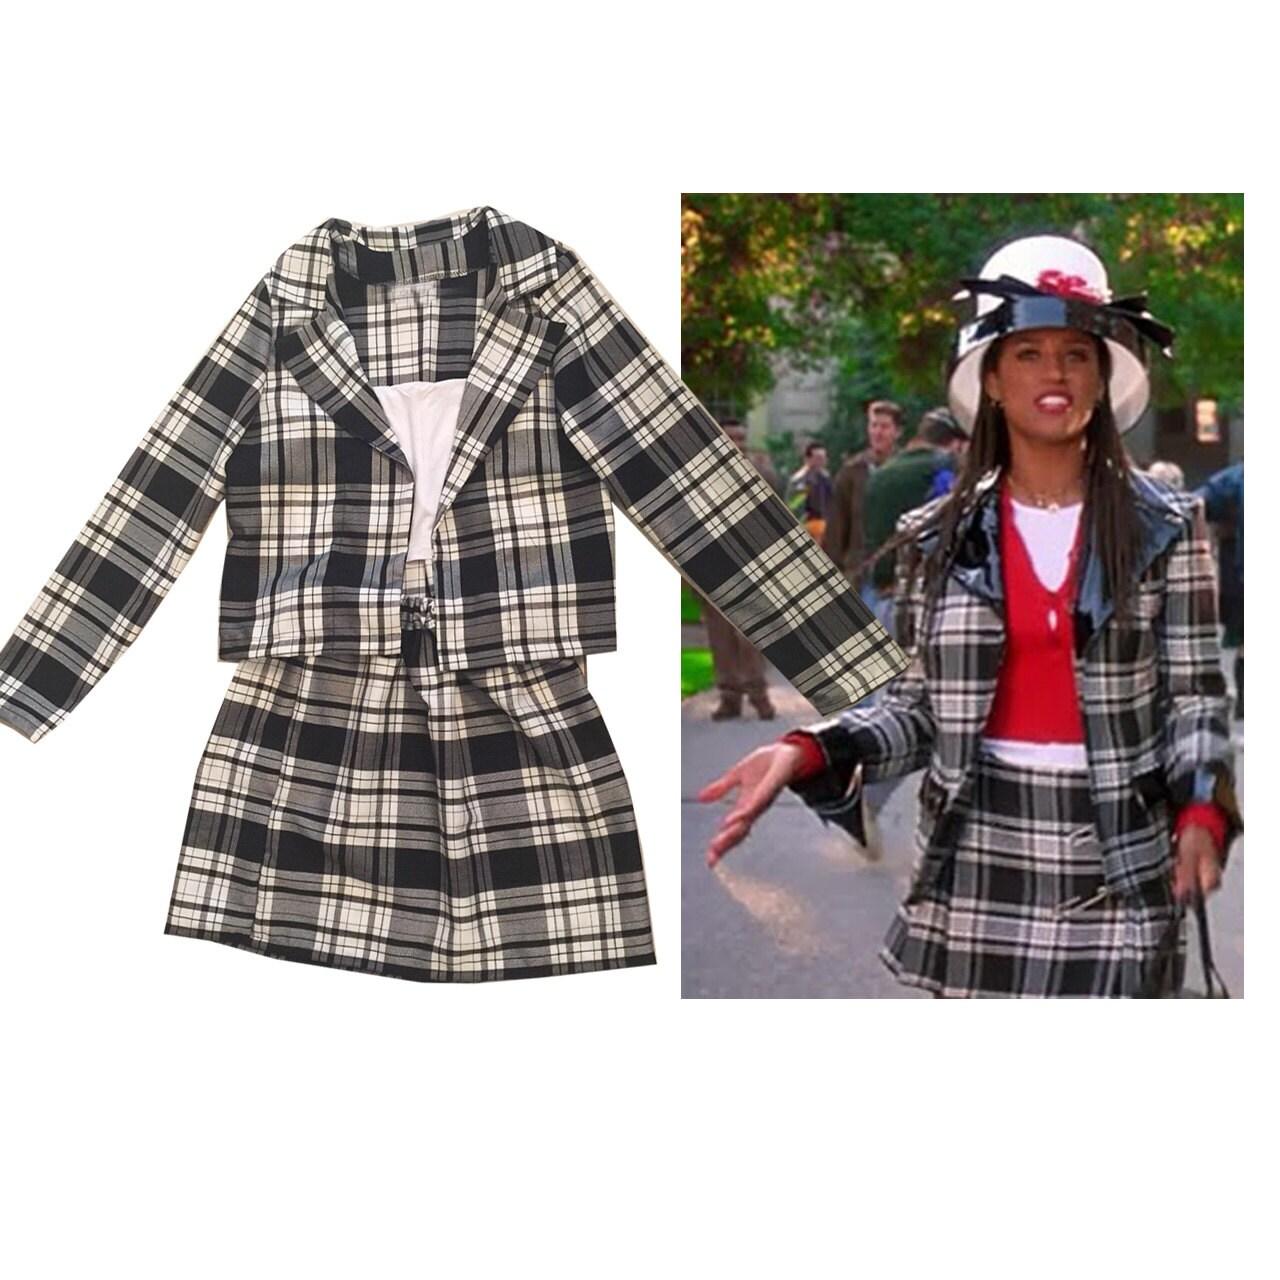 SALE Dionneu0026#39;s Clueless Outfit Black white Tartan Plaid